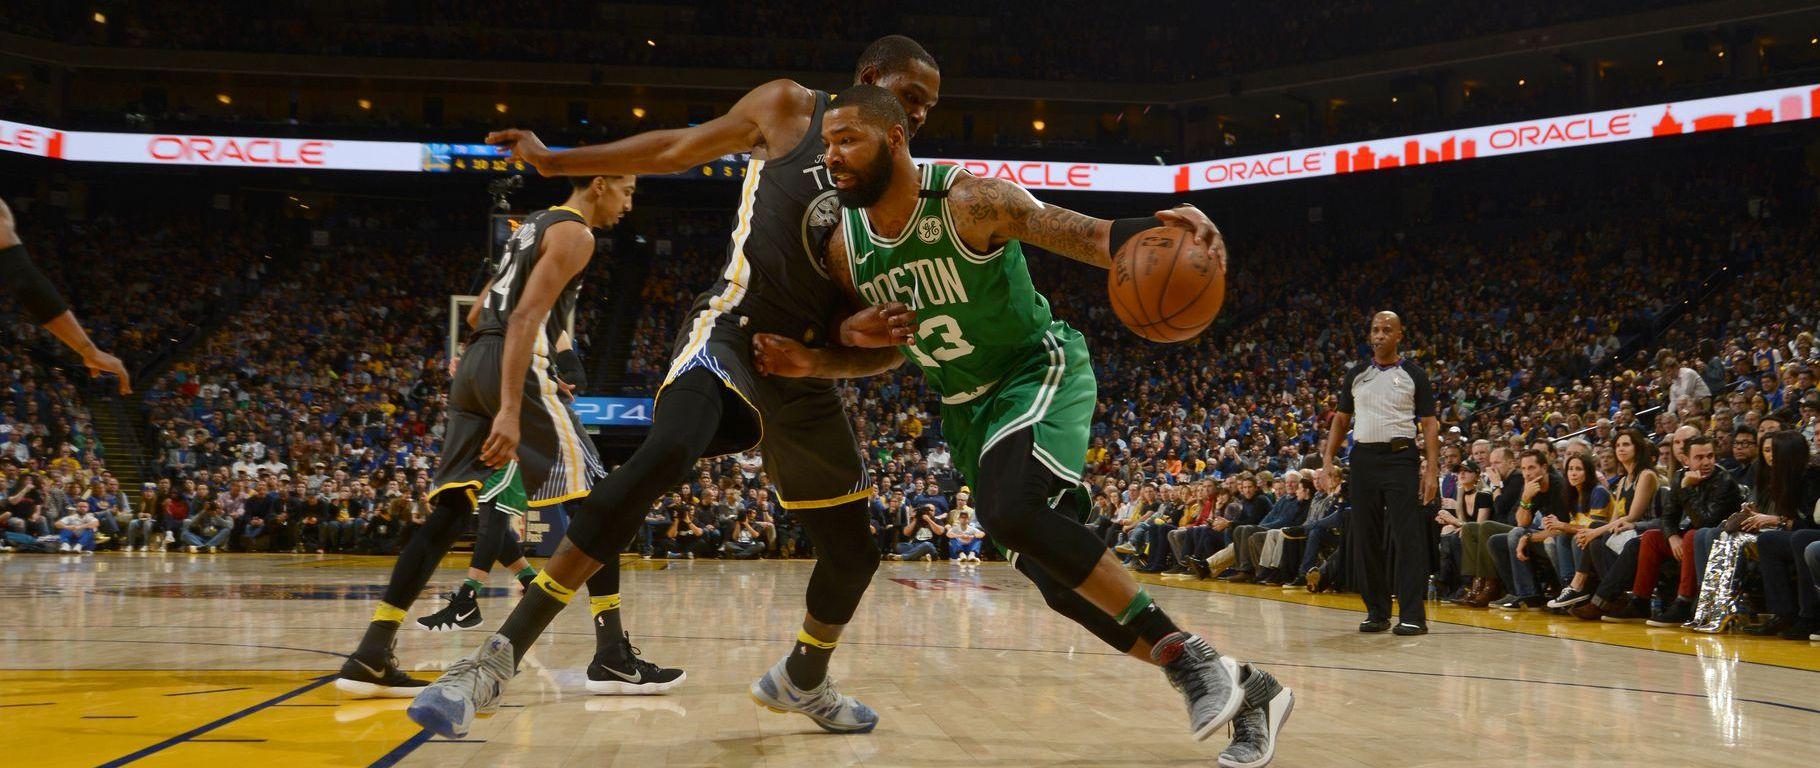 CelticsBlog.com